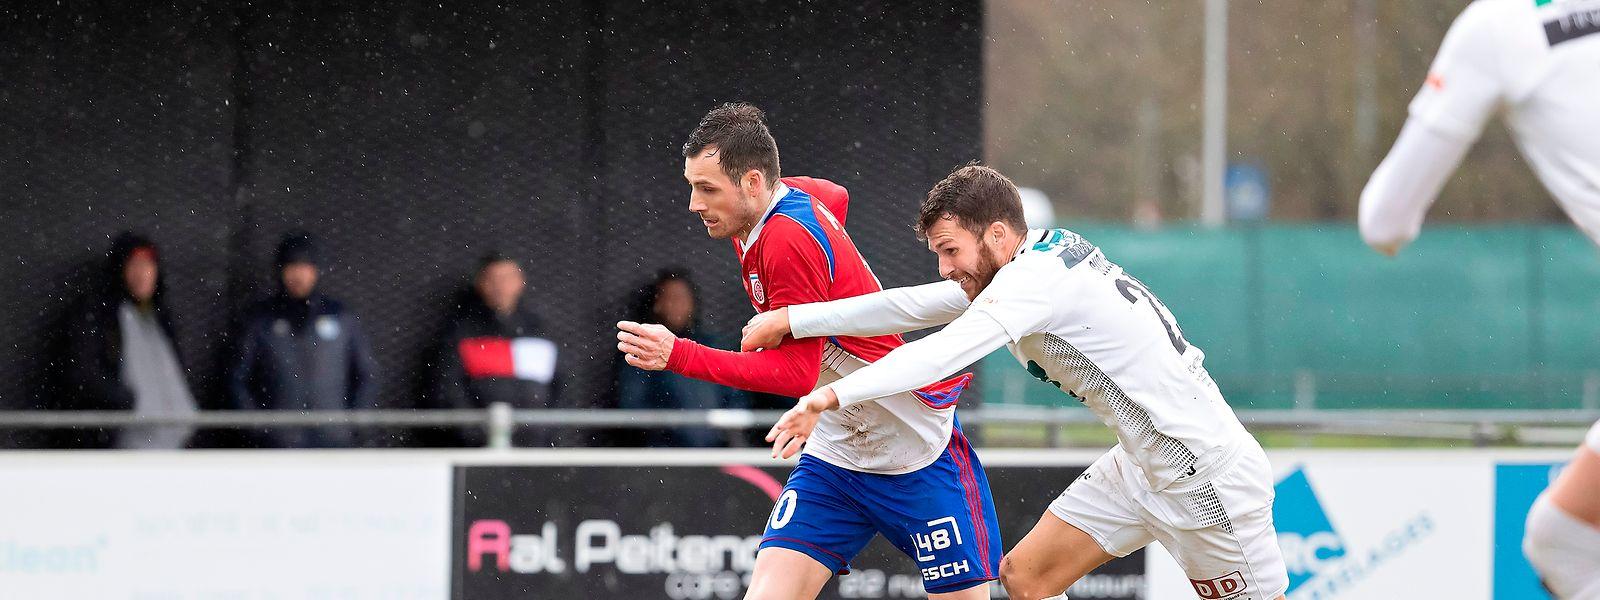 Stefano Bensi, qui prend ici le meilleur sur Tiago Duque, a inscrit un but important pour le Fola à Pétange.